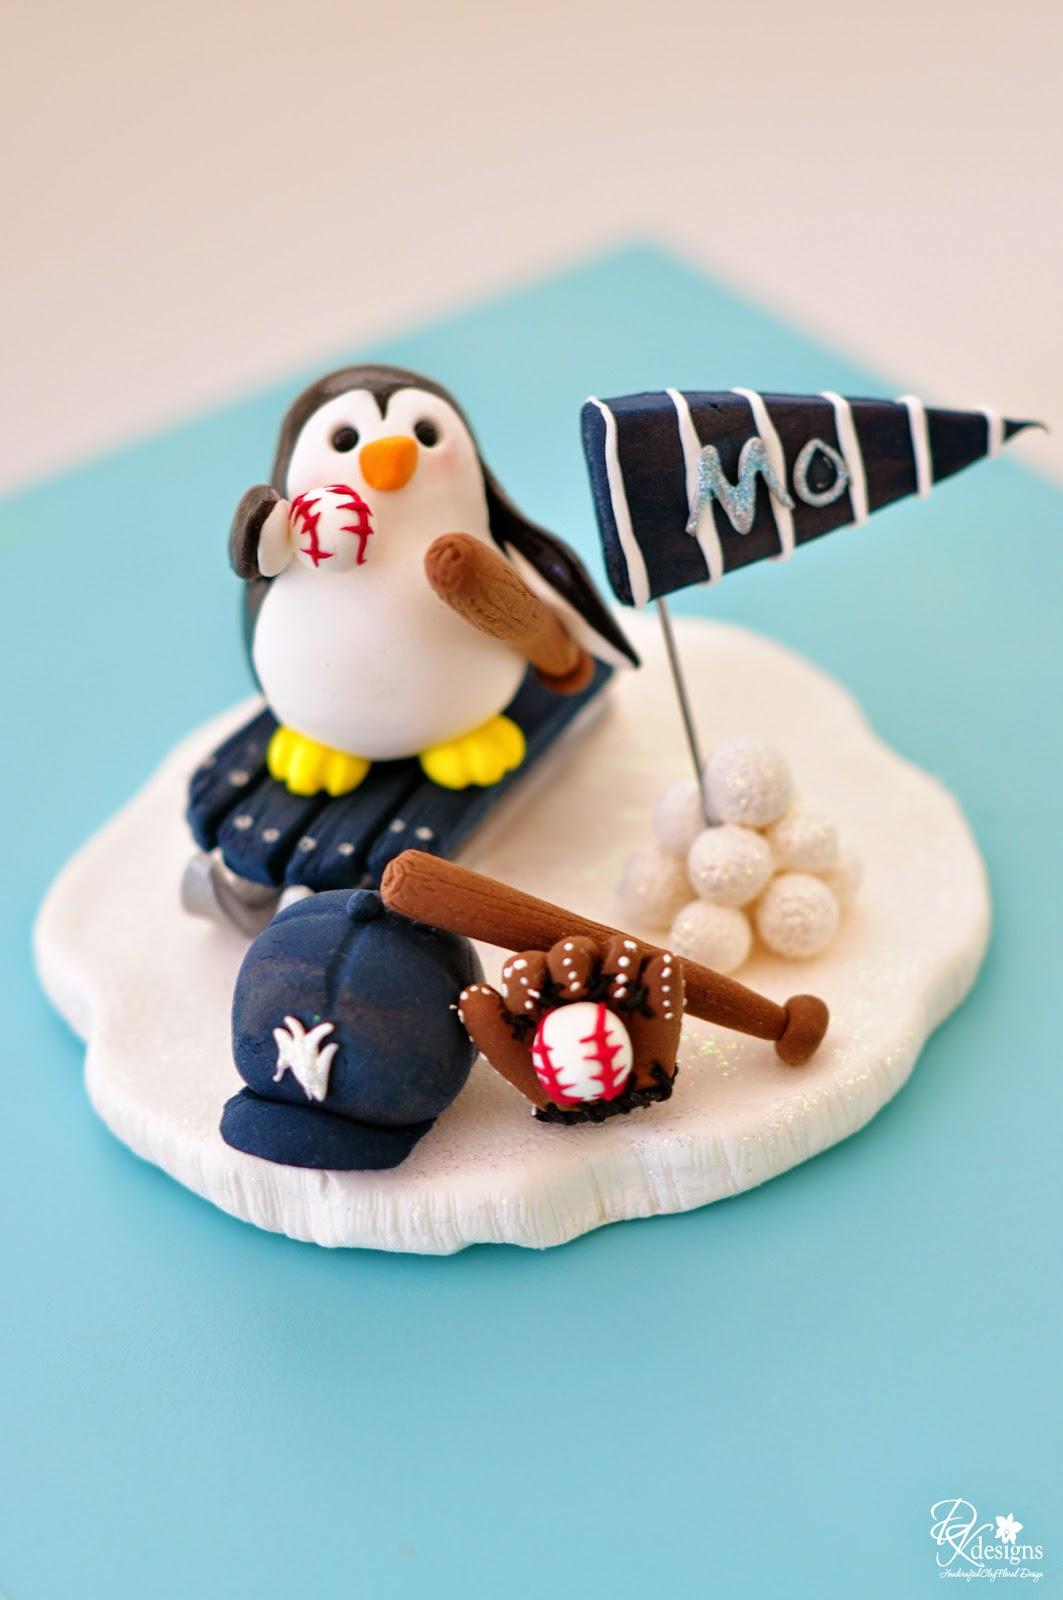 DK Designs: Custom Keepsake Baby Shower Cake Topper